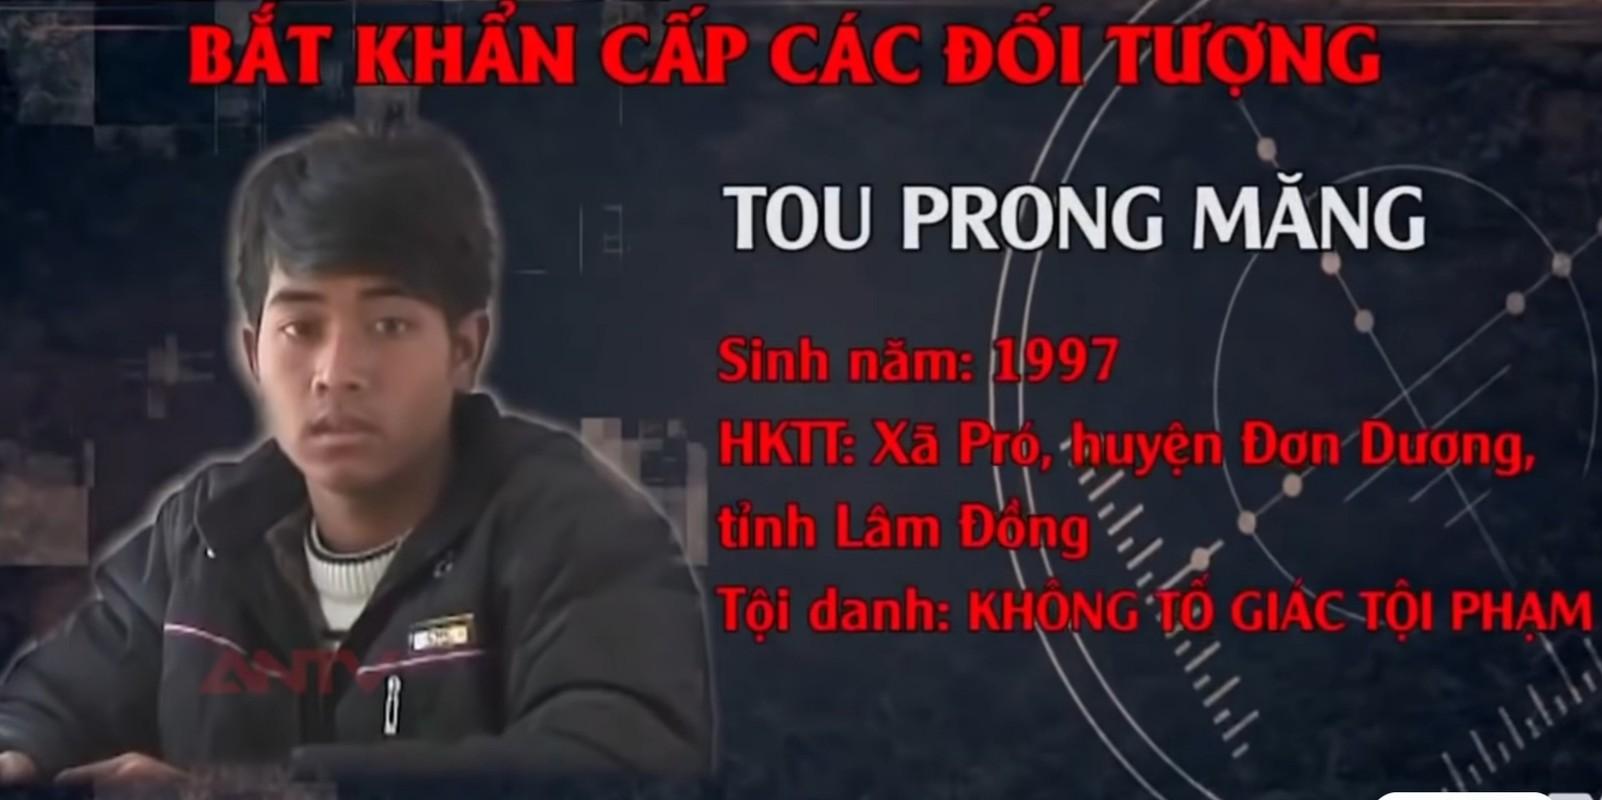 Hanh trinh pha an: Tu thi ben dong suoi to cao ke sat nhan mau lanh-Hinh-22